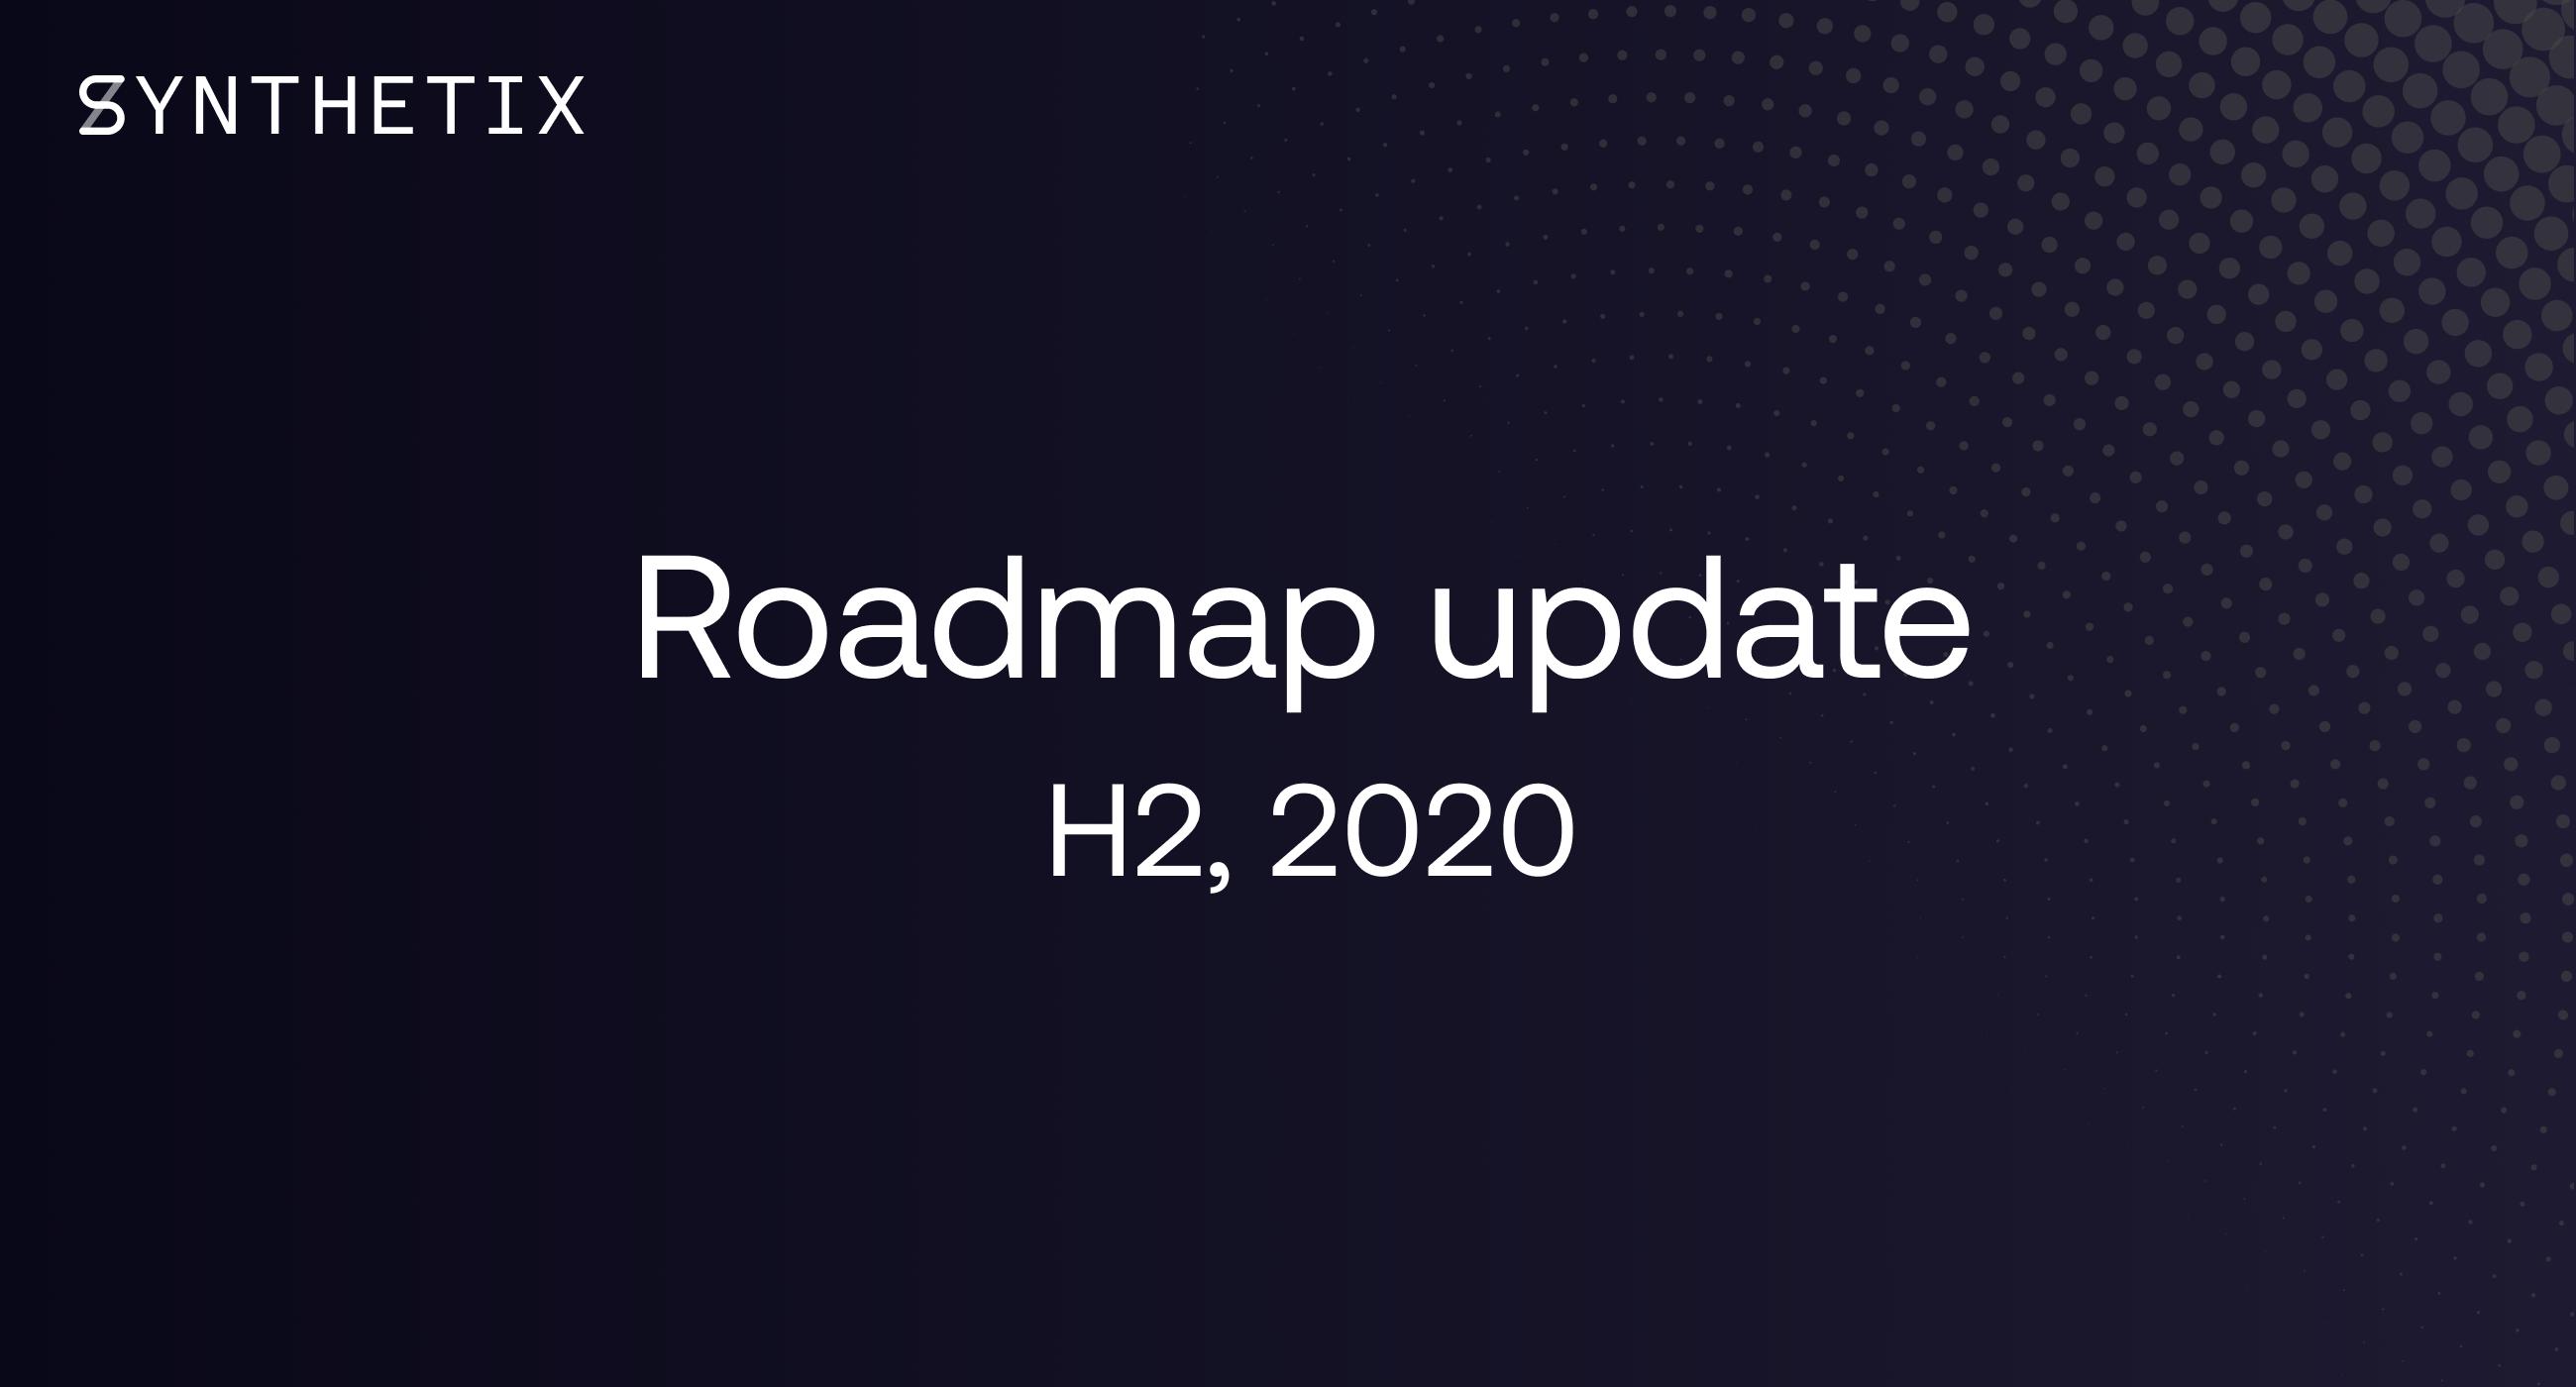 Roadmap Update H2, 2020